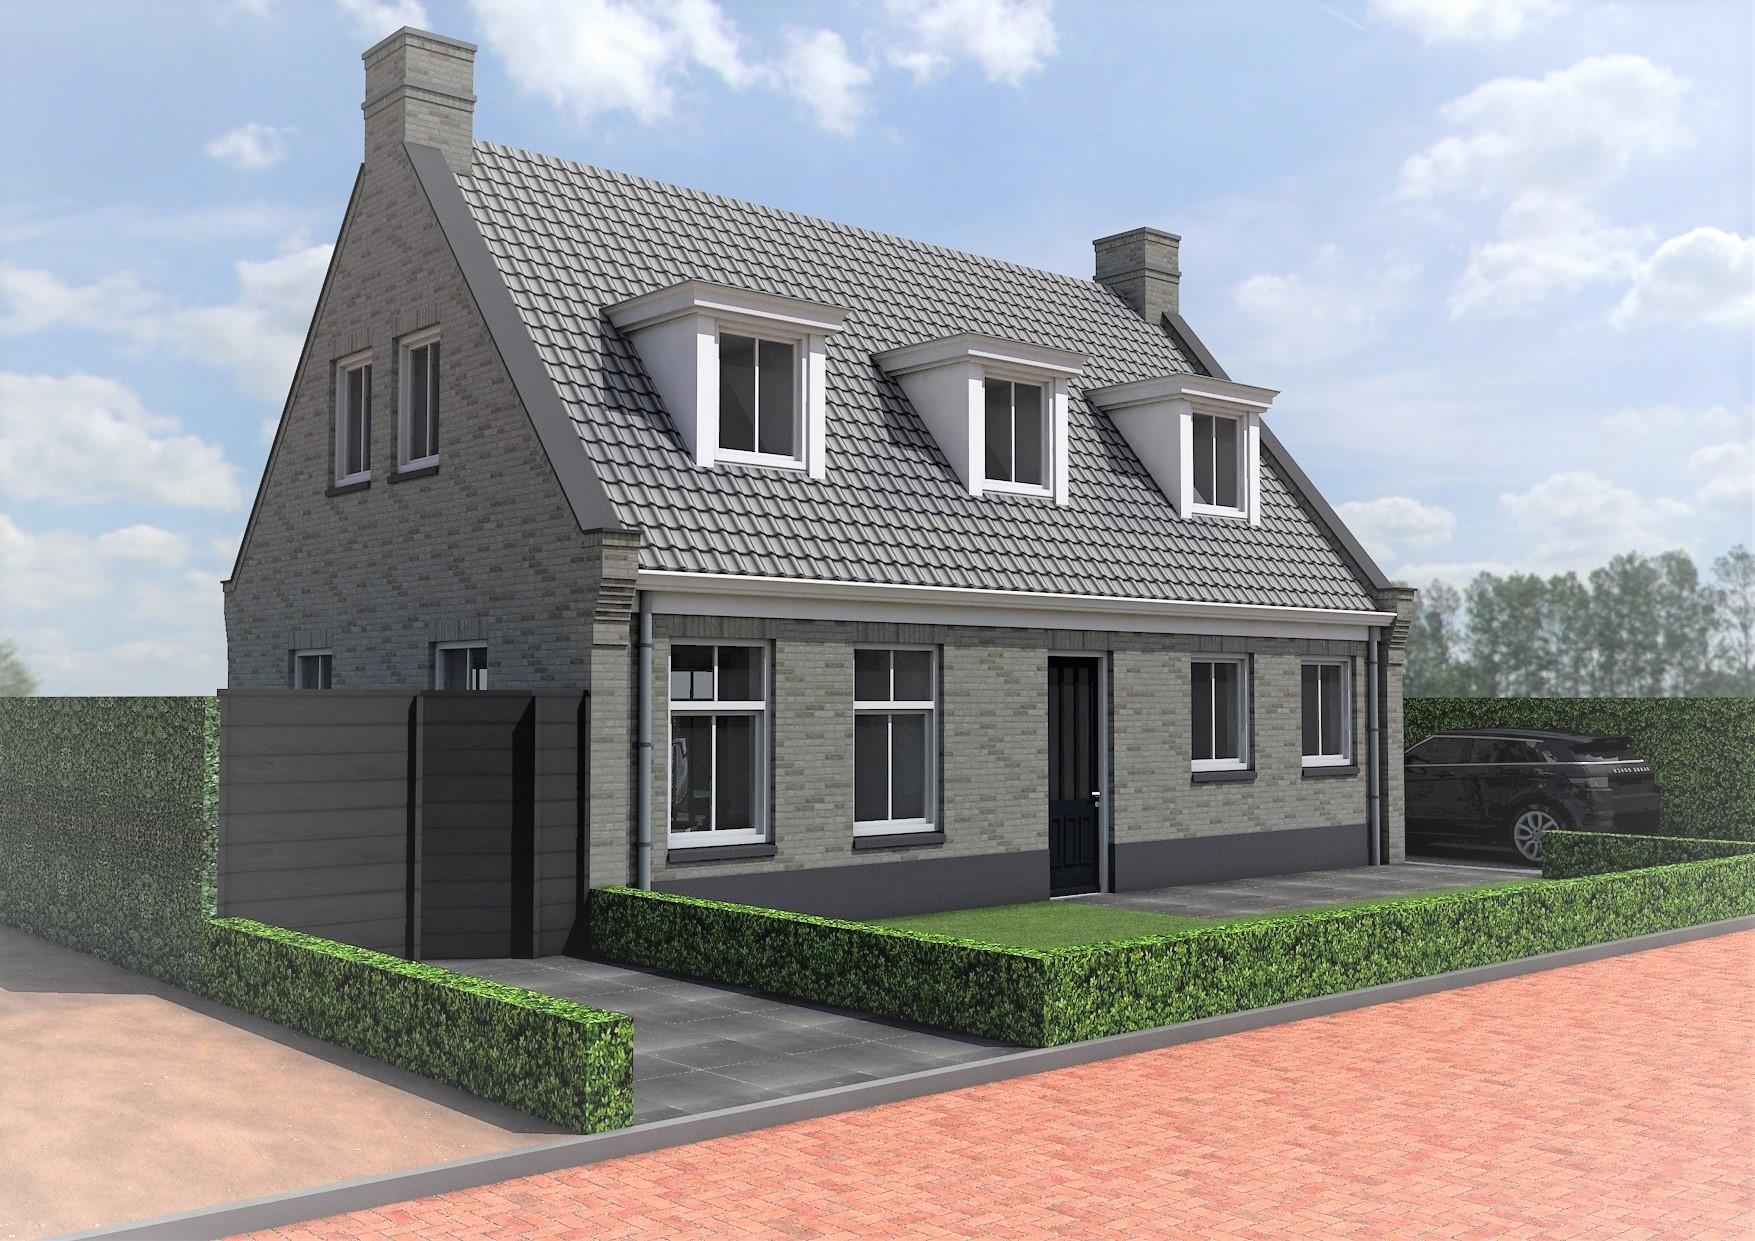 Landelijke villa inspiratie voor villabouw for Landelijke villa bouwen